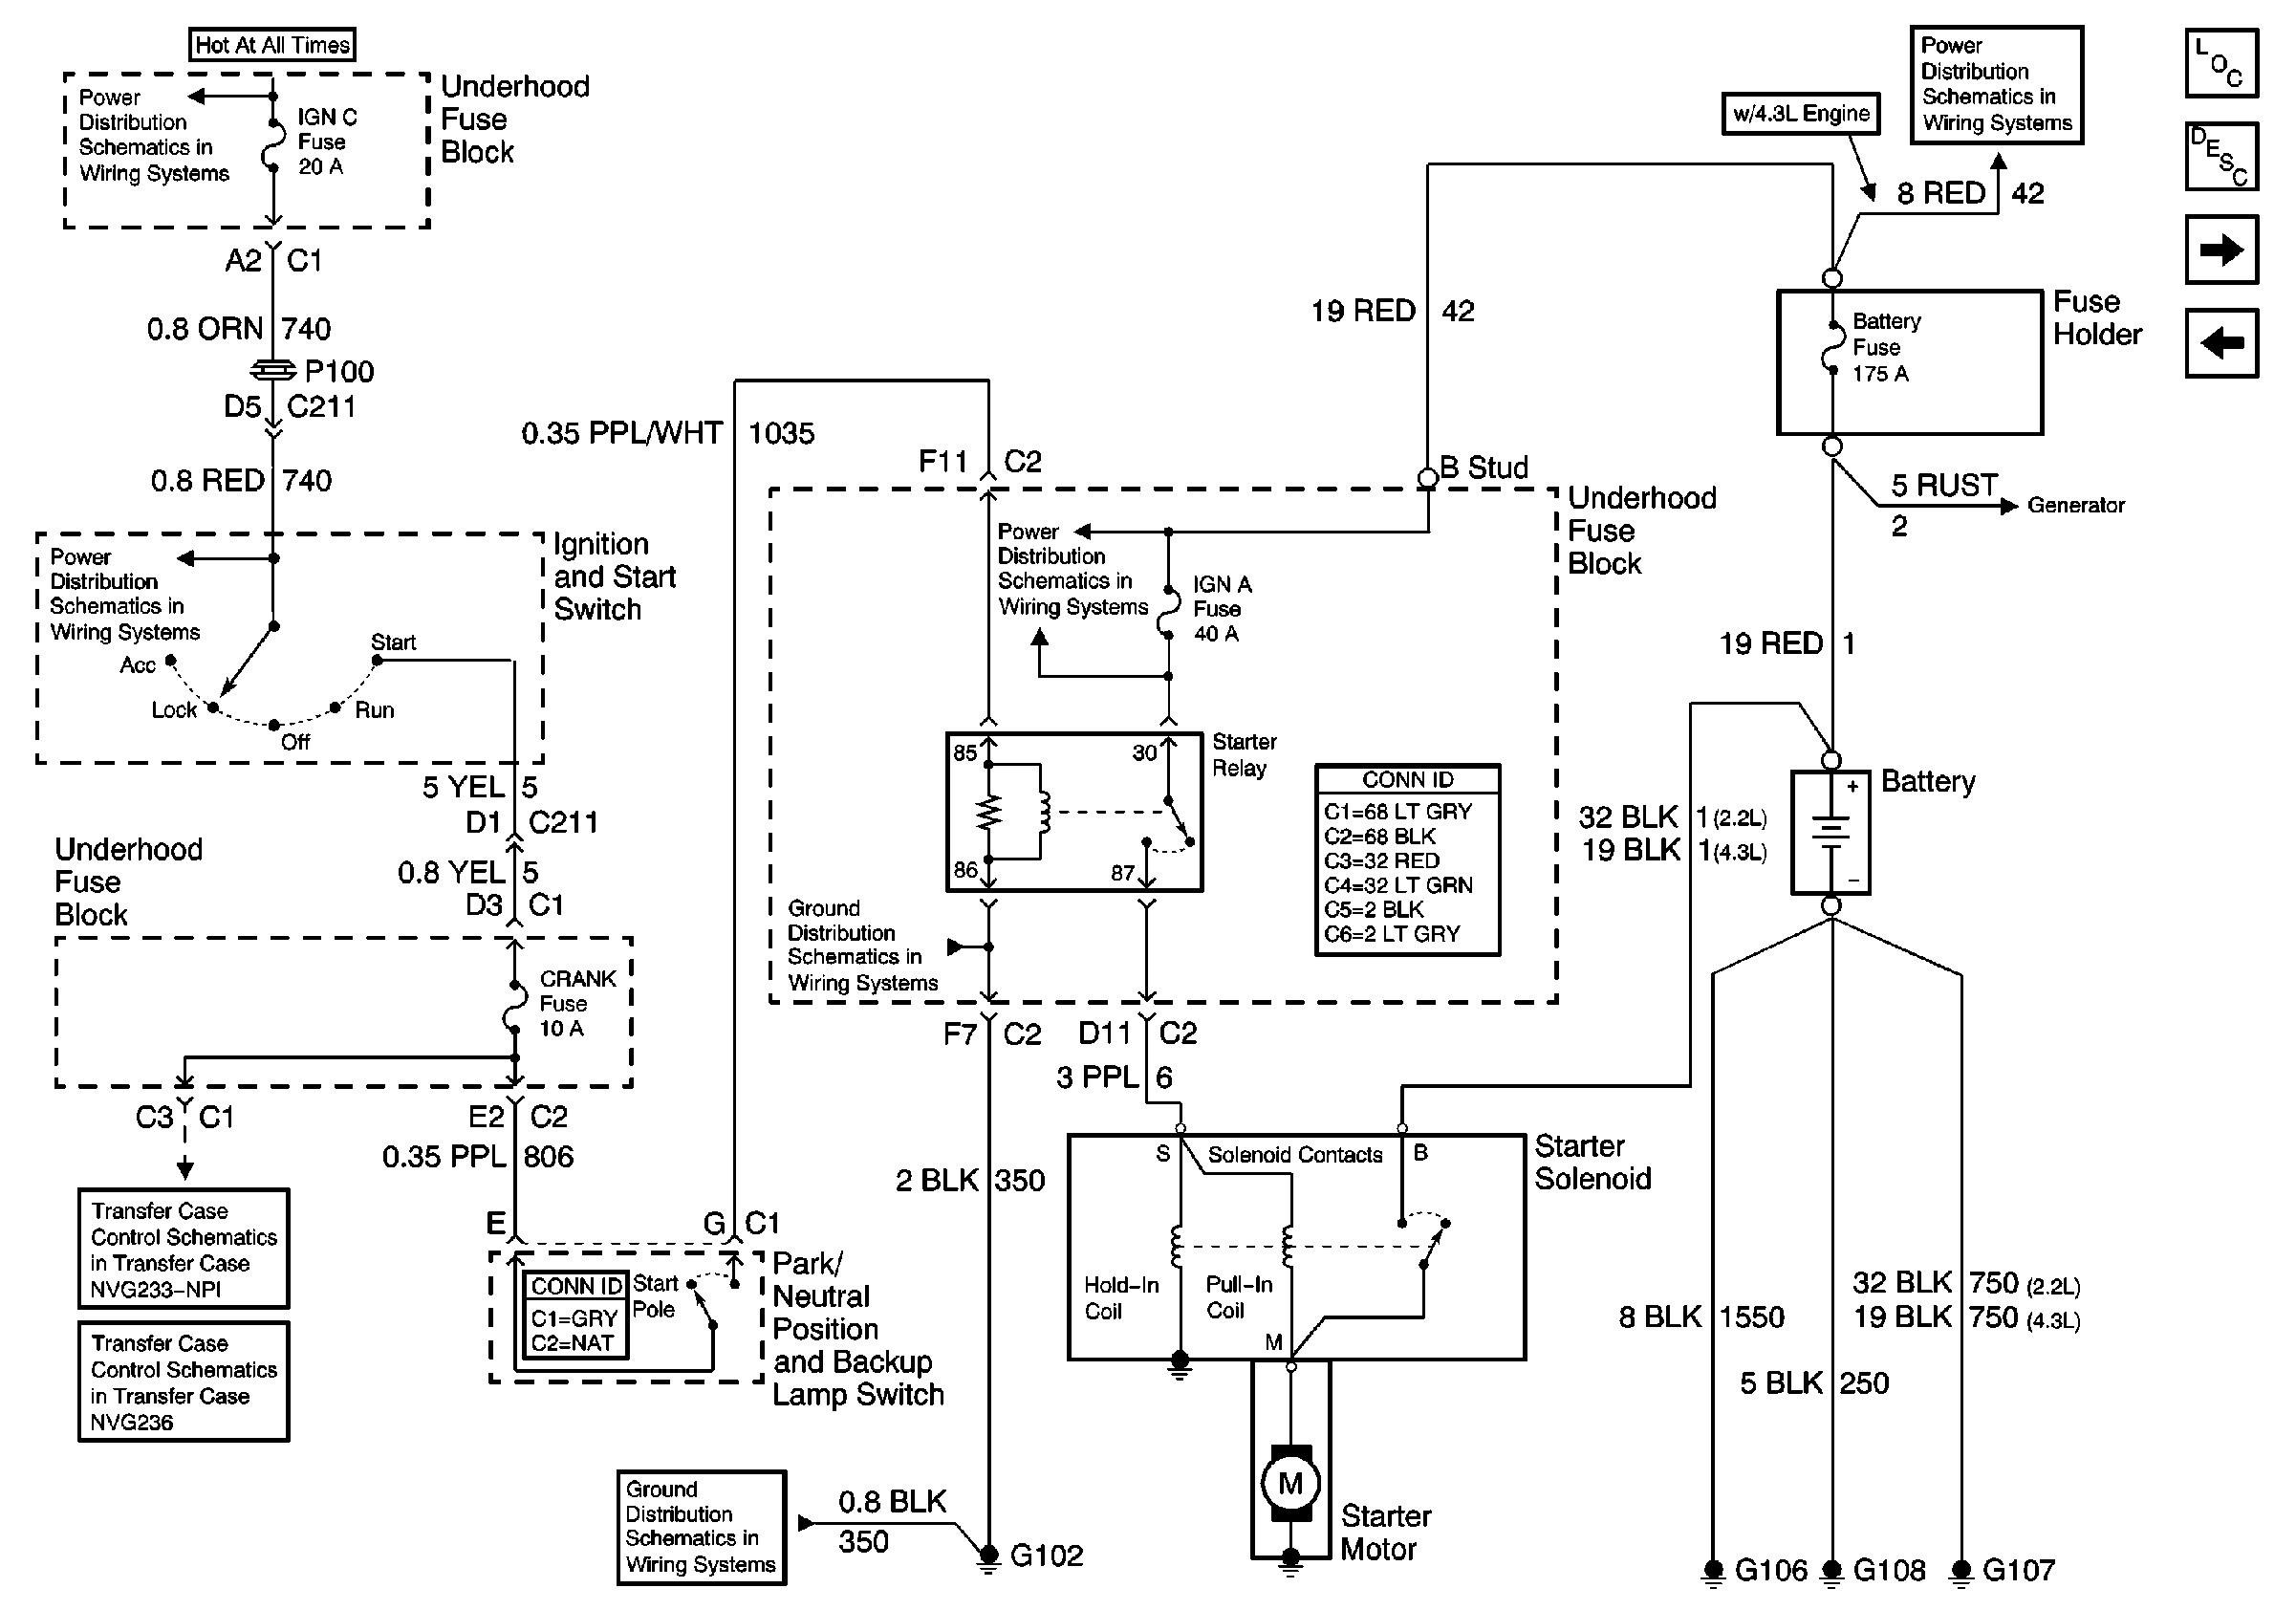 Stereo Wiring Diagram For 2005 Chevy Trailblazer Car Audio Wiring Diagram Two Amps For Wiring Diagram Schematics